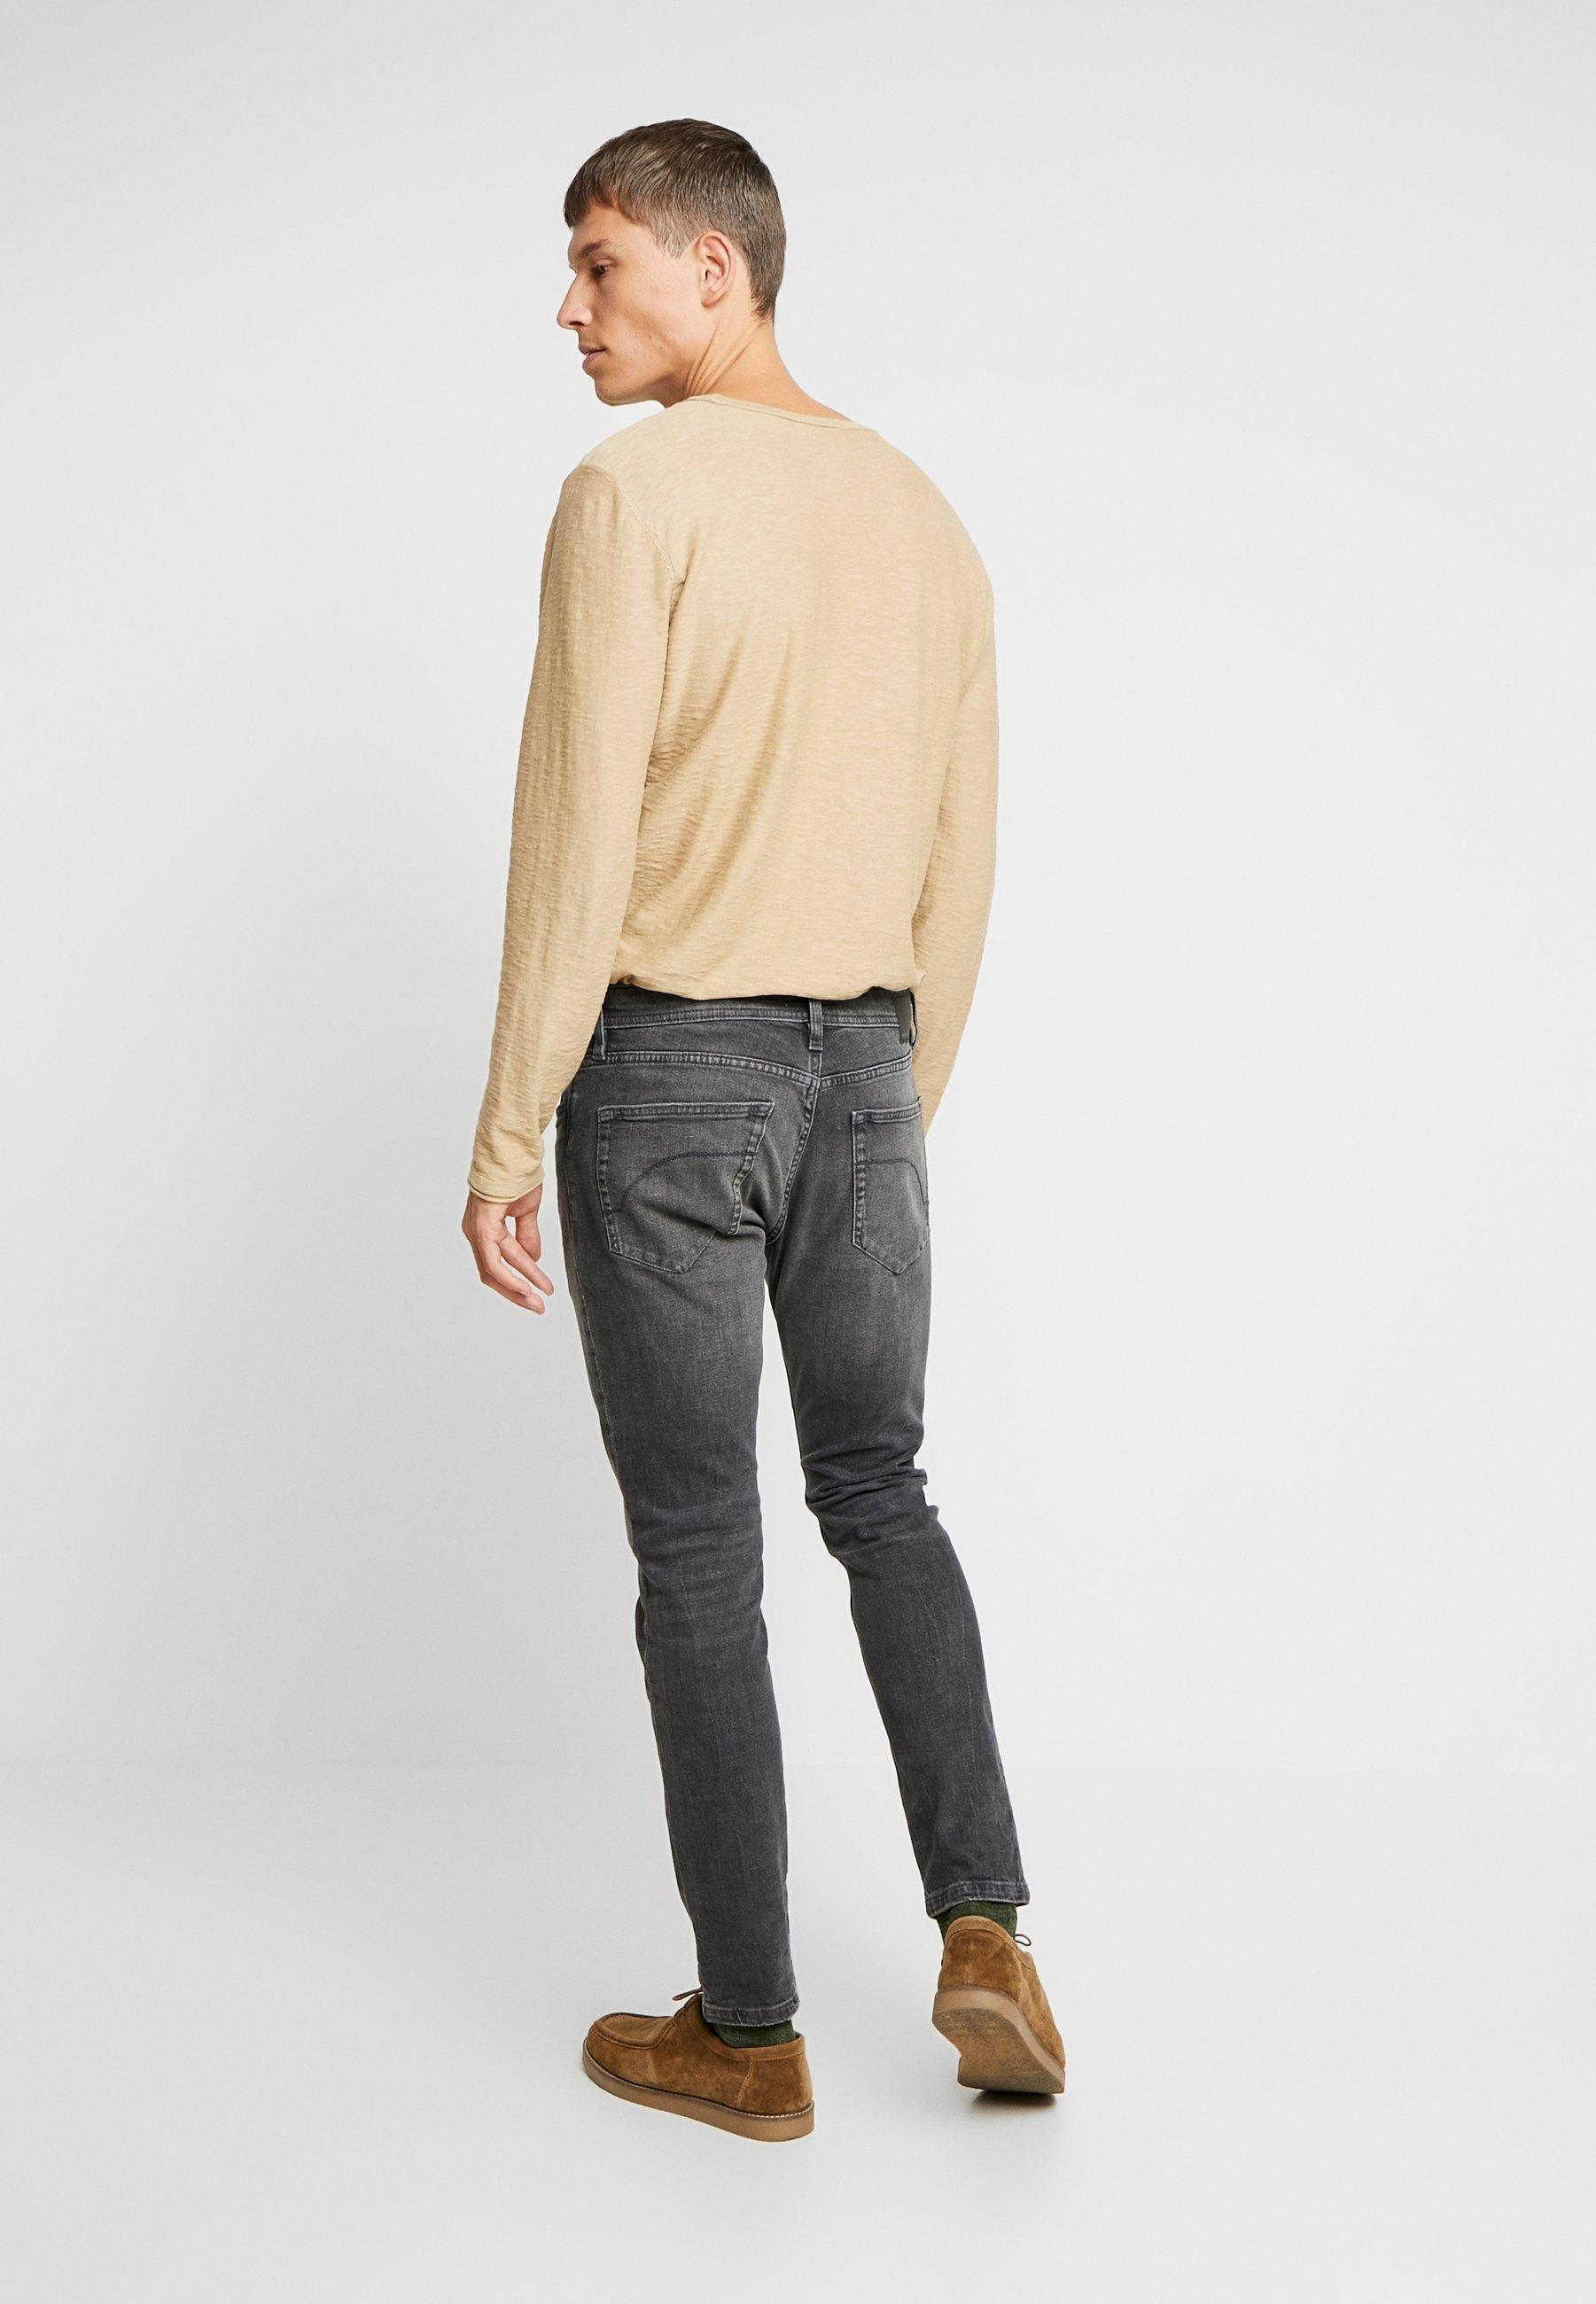 By Esprit Wash Jeans Edc SkinnyGrey Medium bYv67gIfy